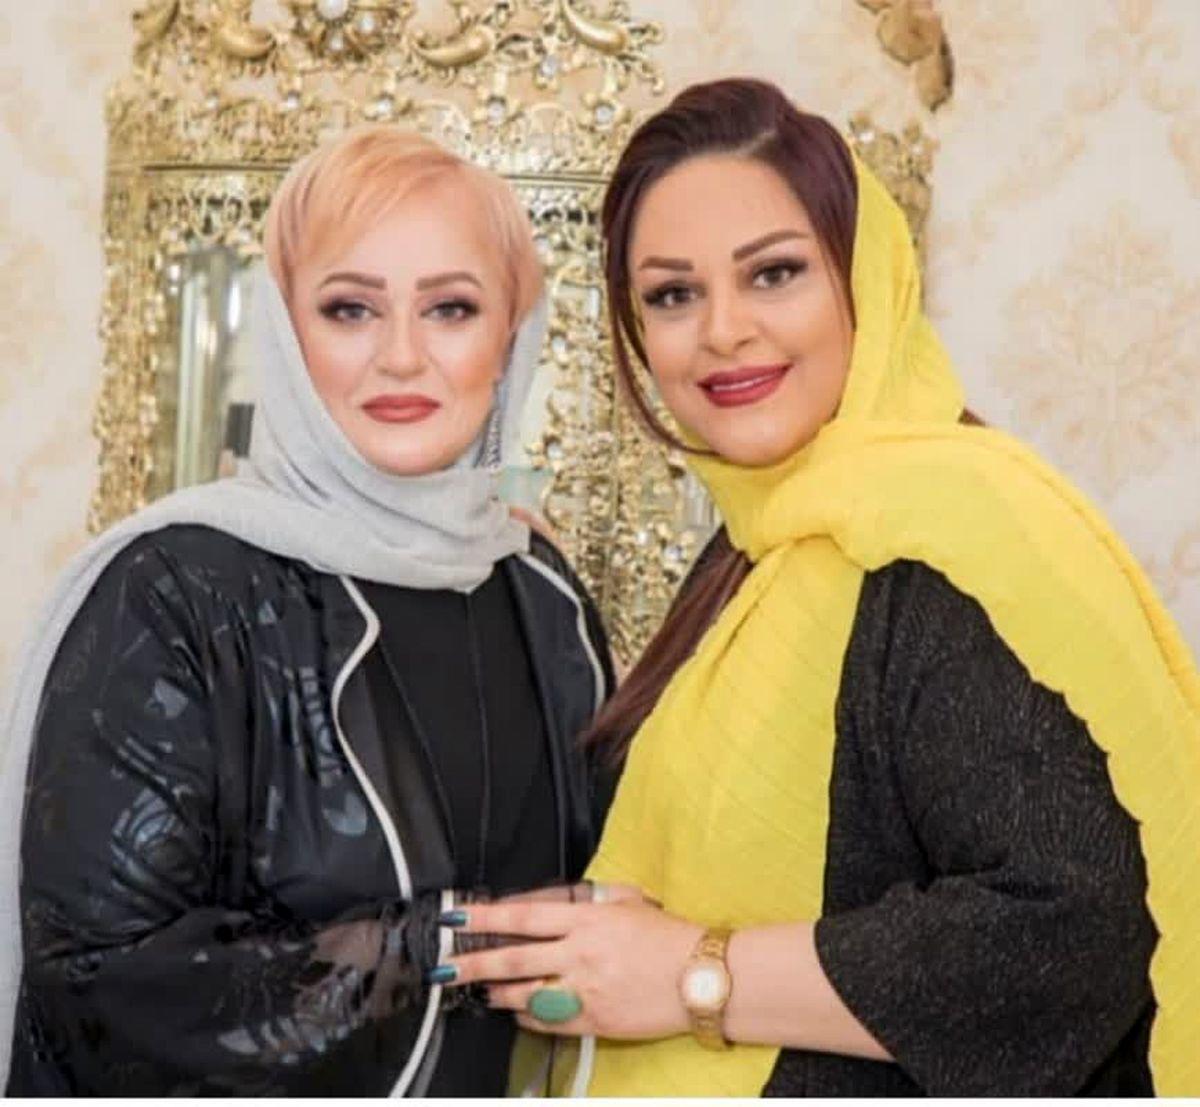 نعیمه نظام دوست و خواهرش در سالن زیبایی+عکس